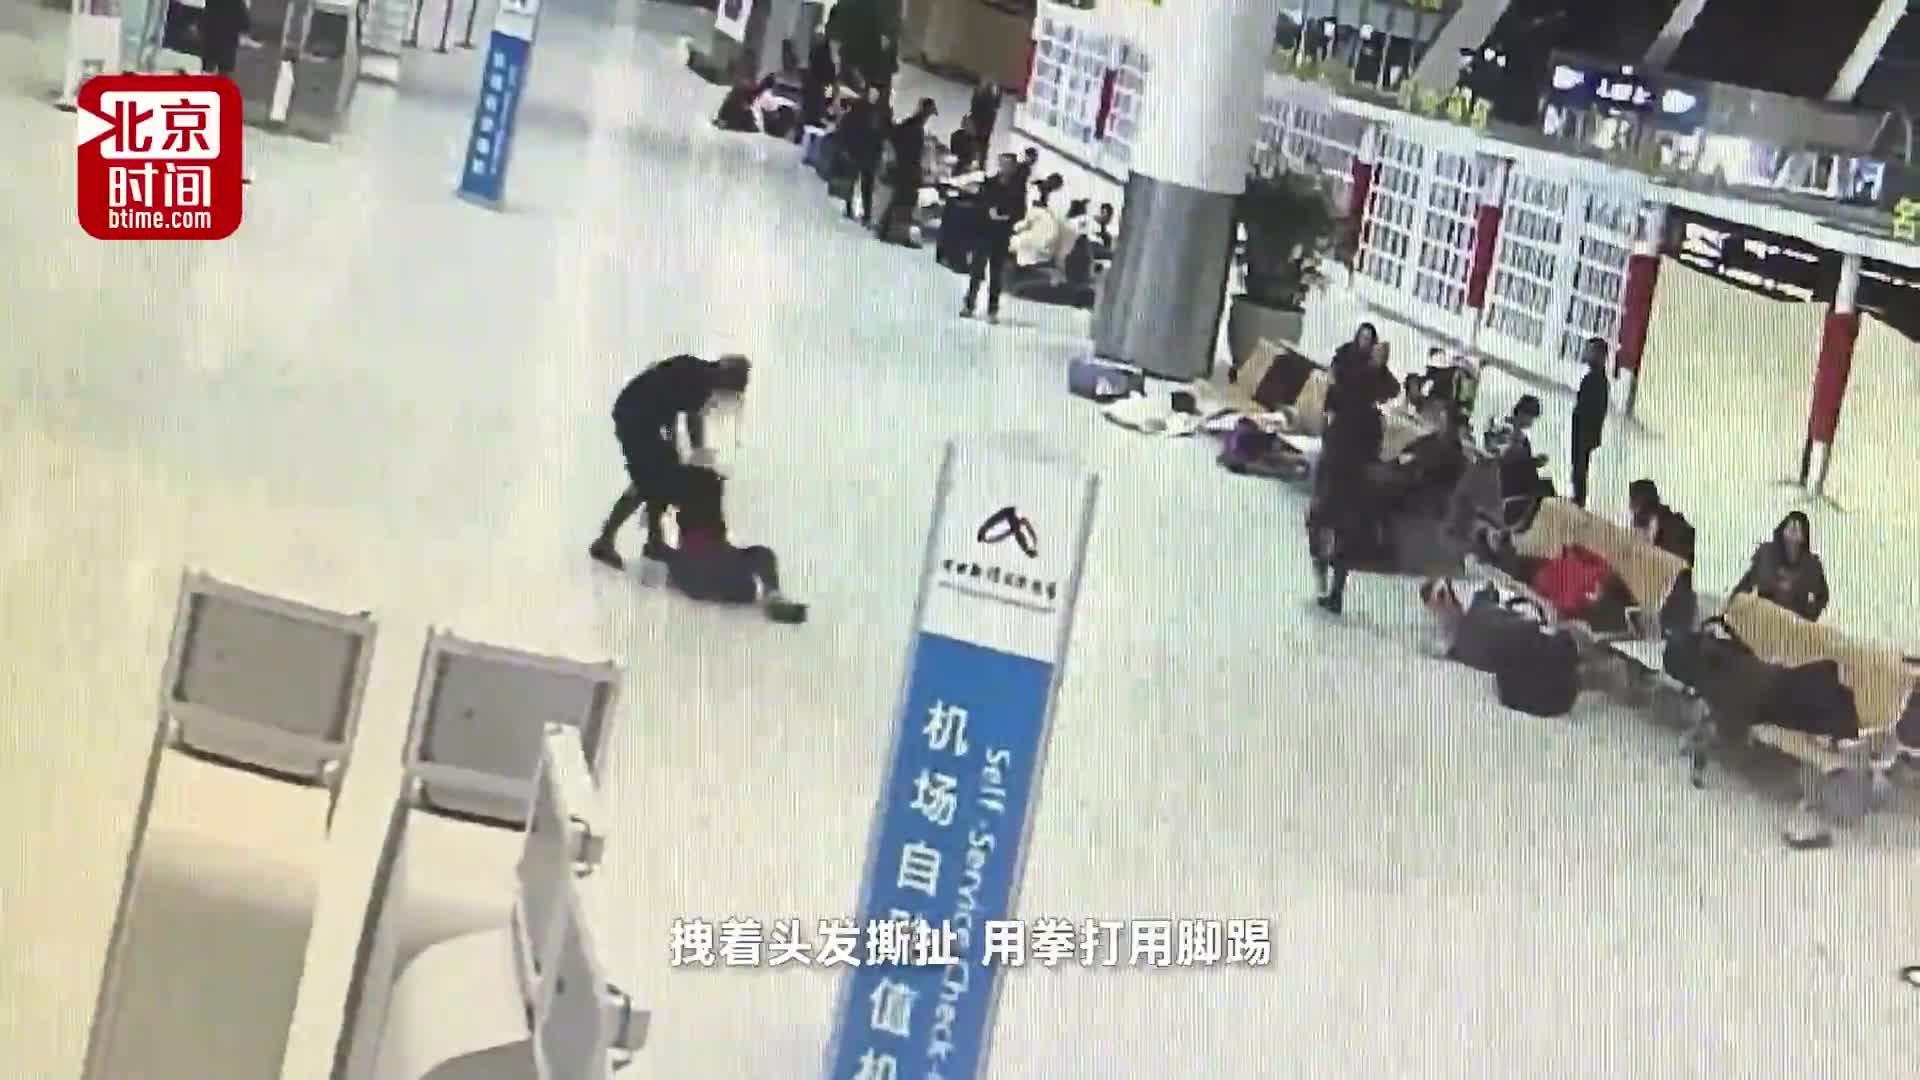 [视频]因抢座位 两女子在候机厅脱衣大打出手